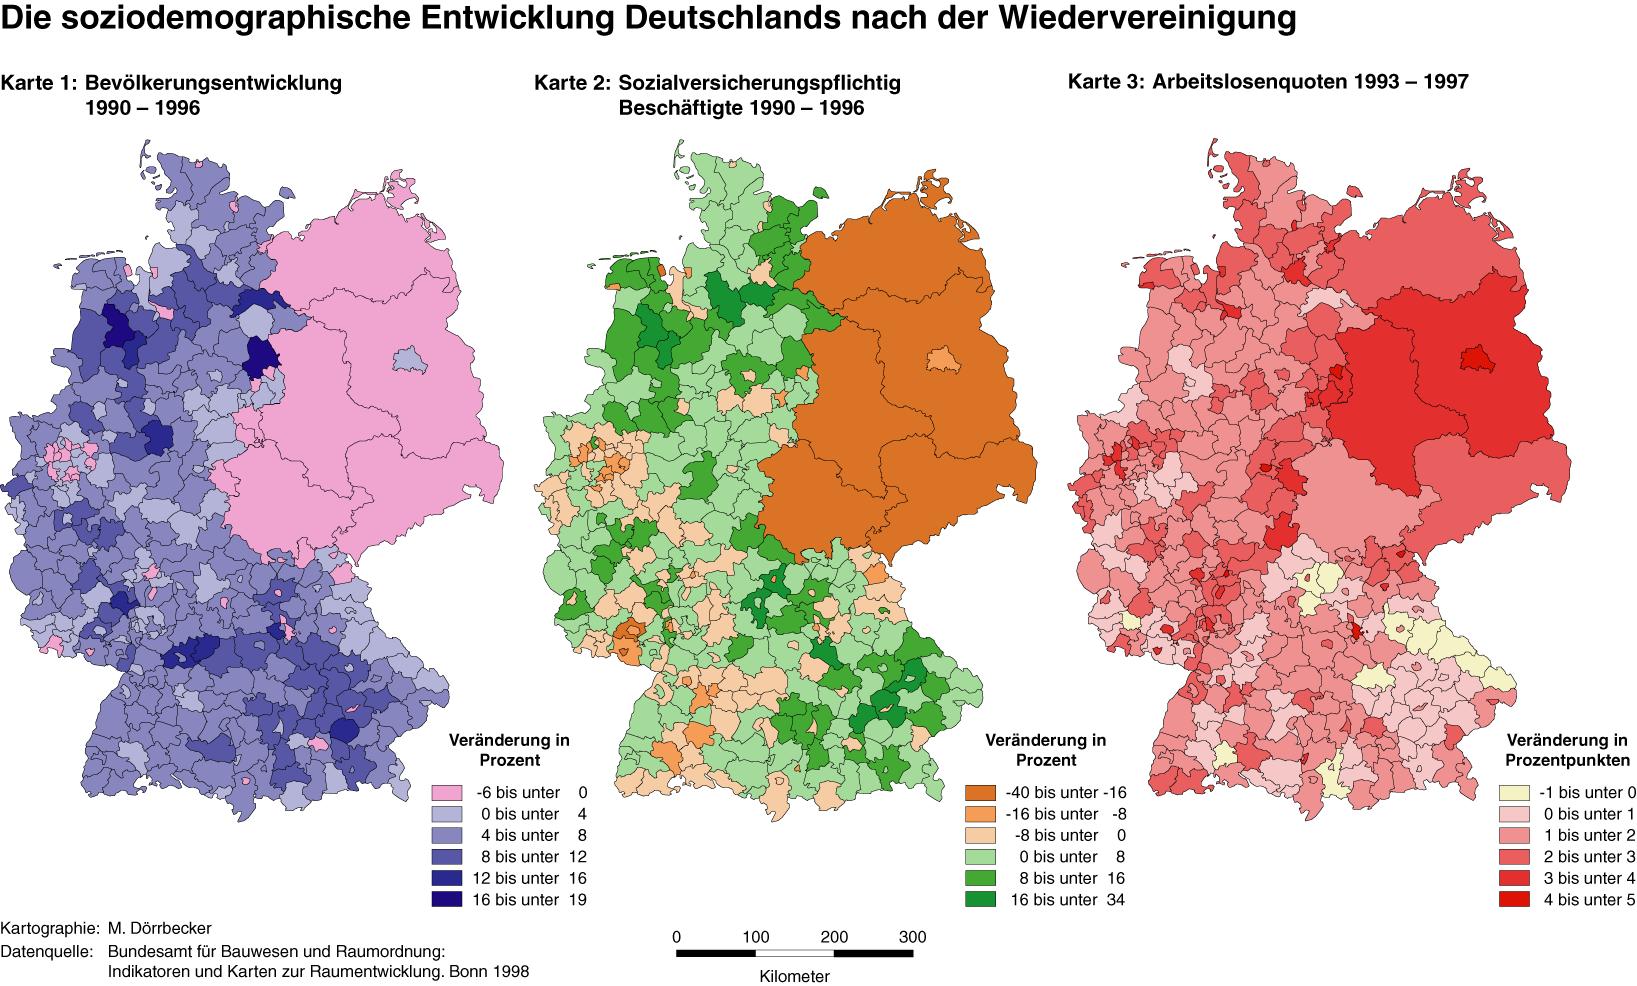 https://upload.wikimedia.org/wikipedia/commons/8/87/SoziodemographieDeutschlandsNachDerWiedervereinigung.png